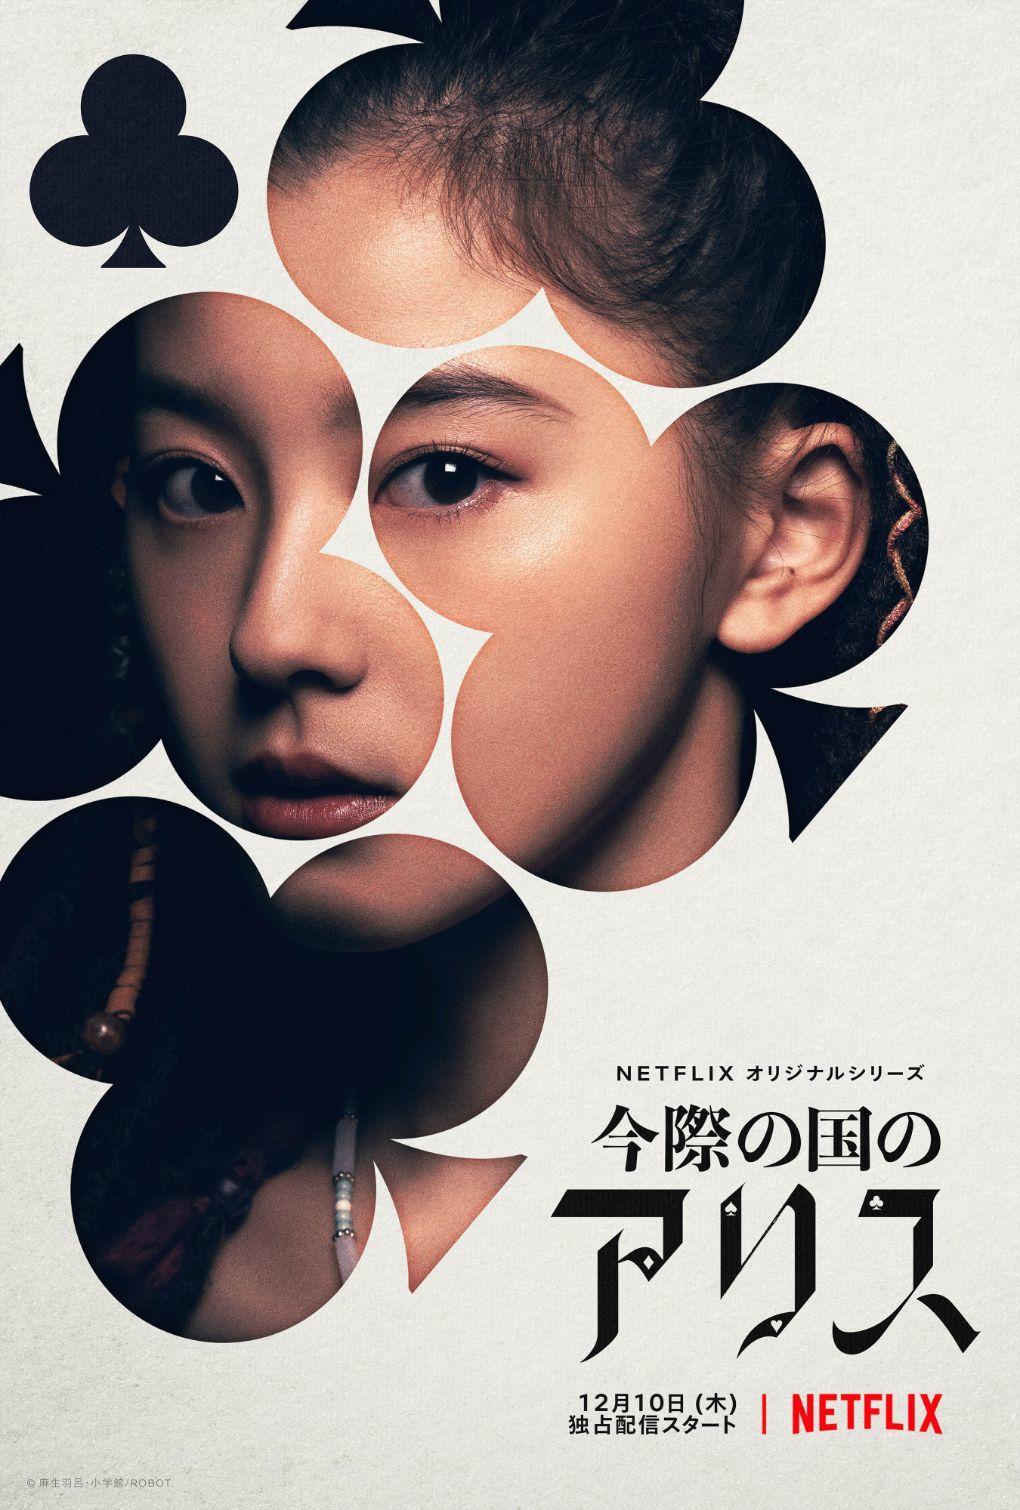 朝比奈彩/クイナ Netflixオリジナルシリーズ『今際の国のアリス』2020年12月10日(木)は全世界独占配信